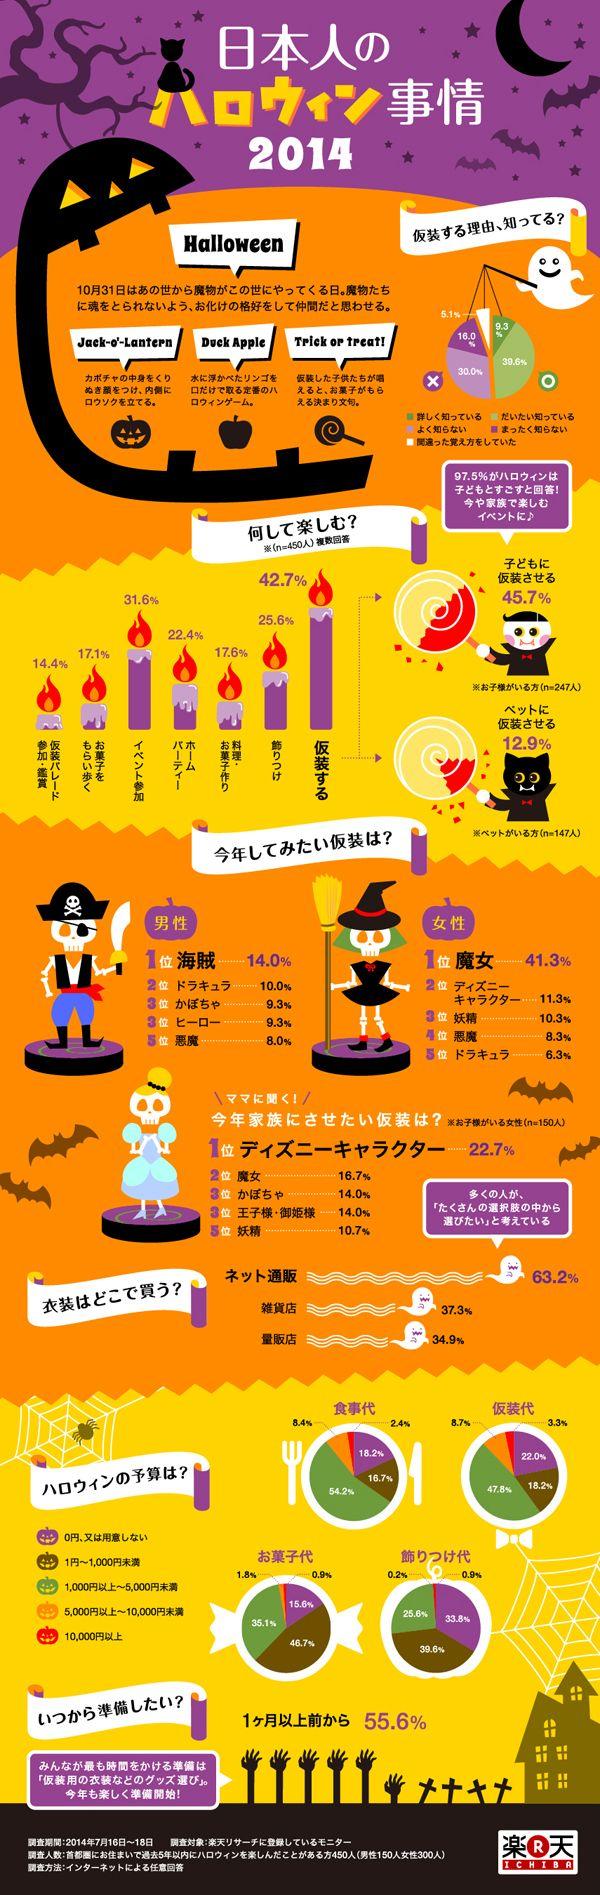 日本人のハロウィン事情2014 2014年11月14日 15:54 infographic.jp - インフォグラフィックス by IOIX  /  infographic.jp